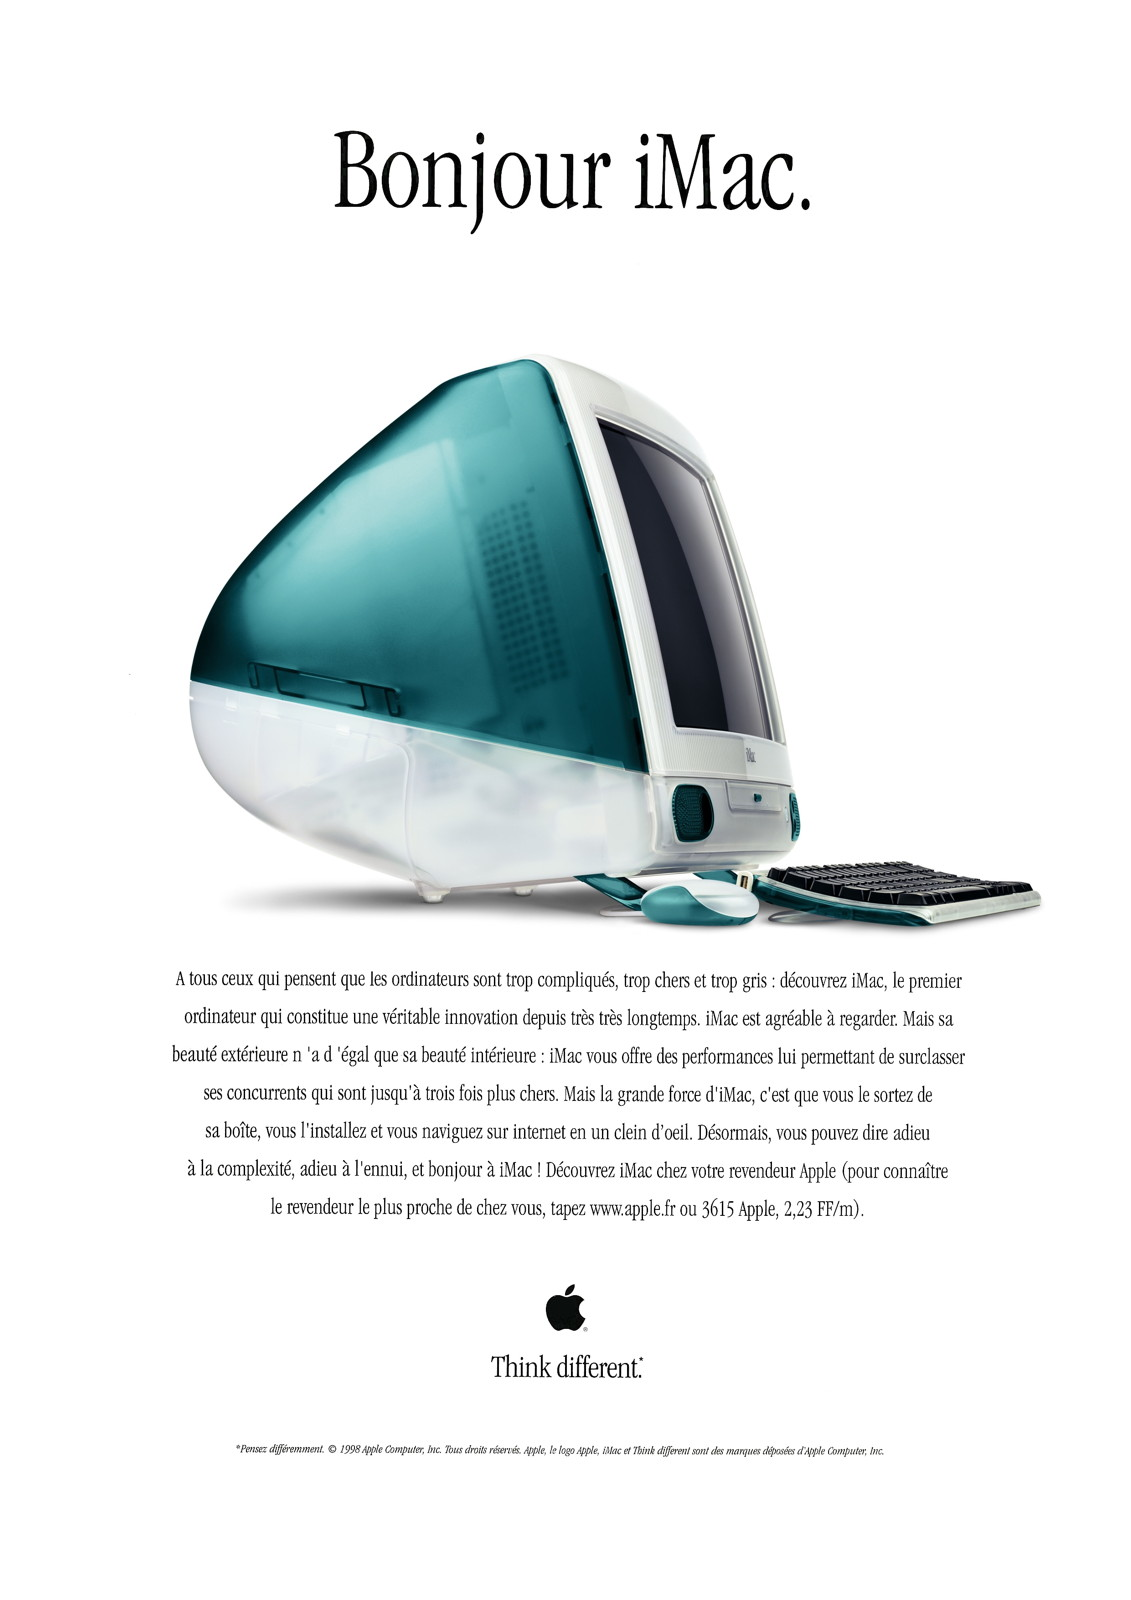 Publicité pour l'iMac G3 en 1998